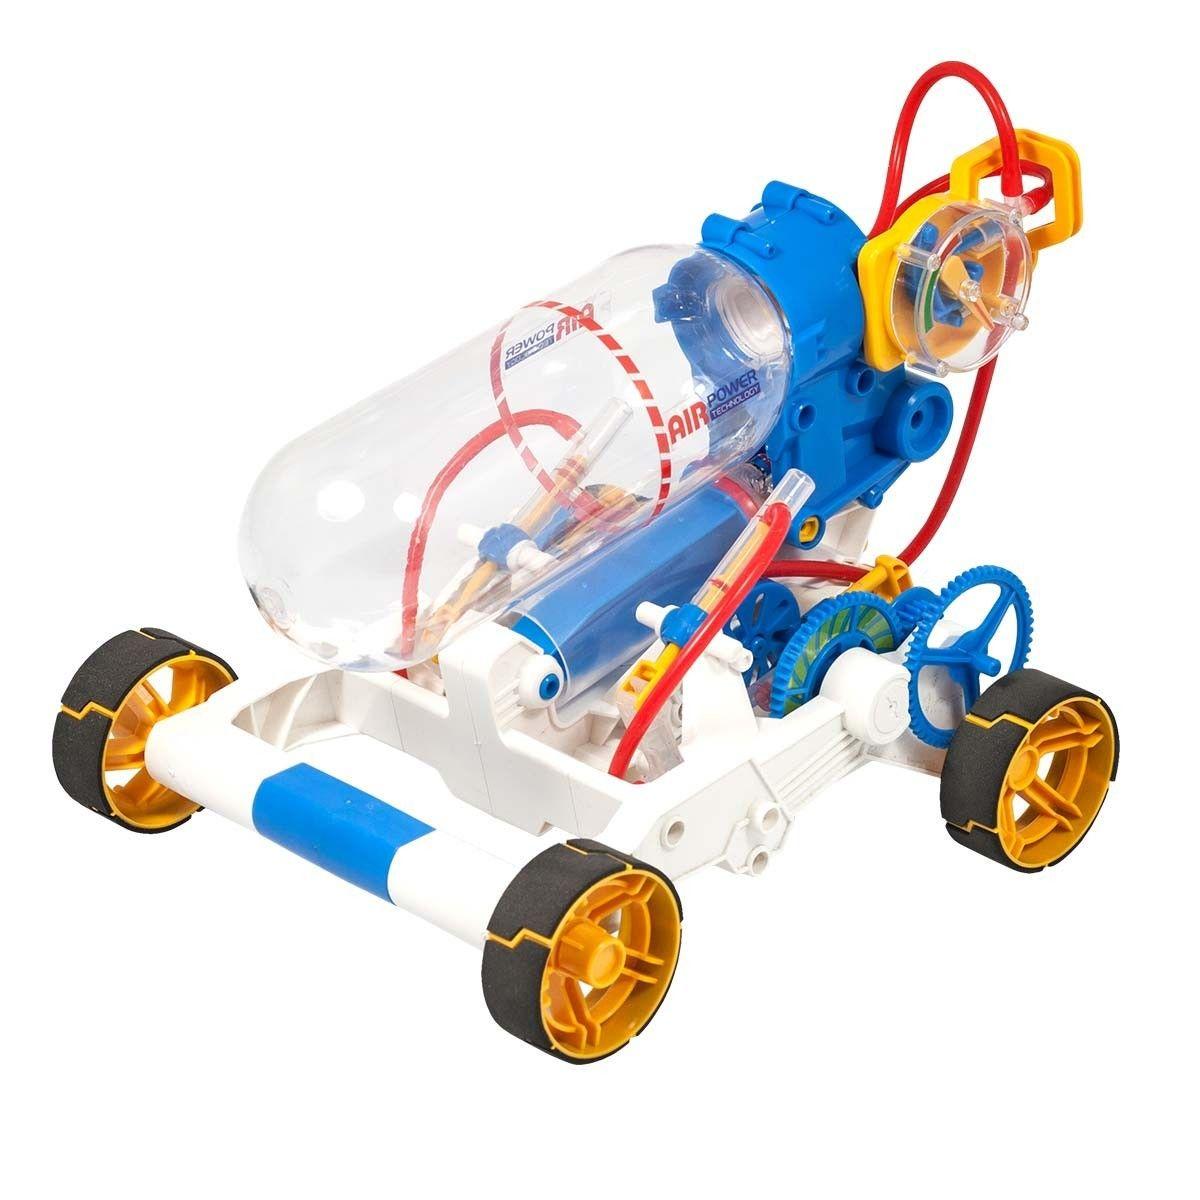 Cars 4 toys  Air Power Engine Car Kit  ho ho ho  Pinterest  Car kits Engine